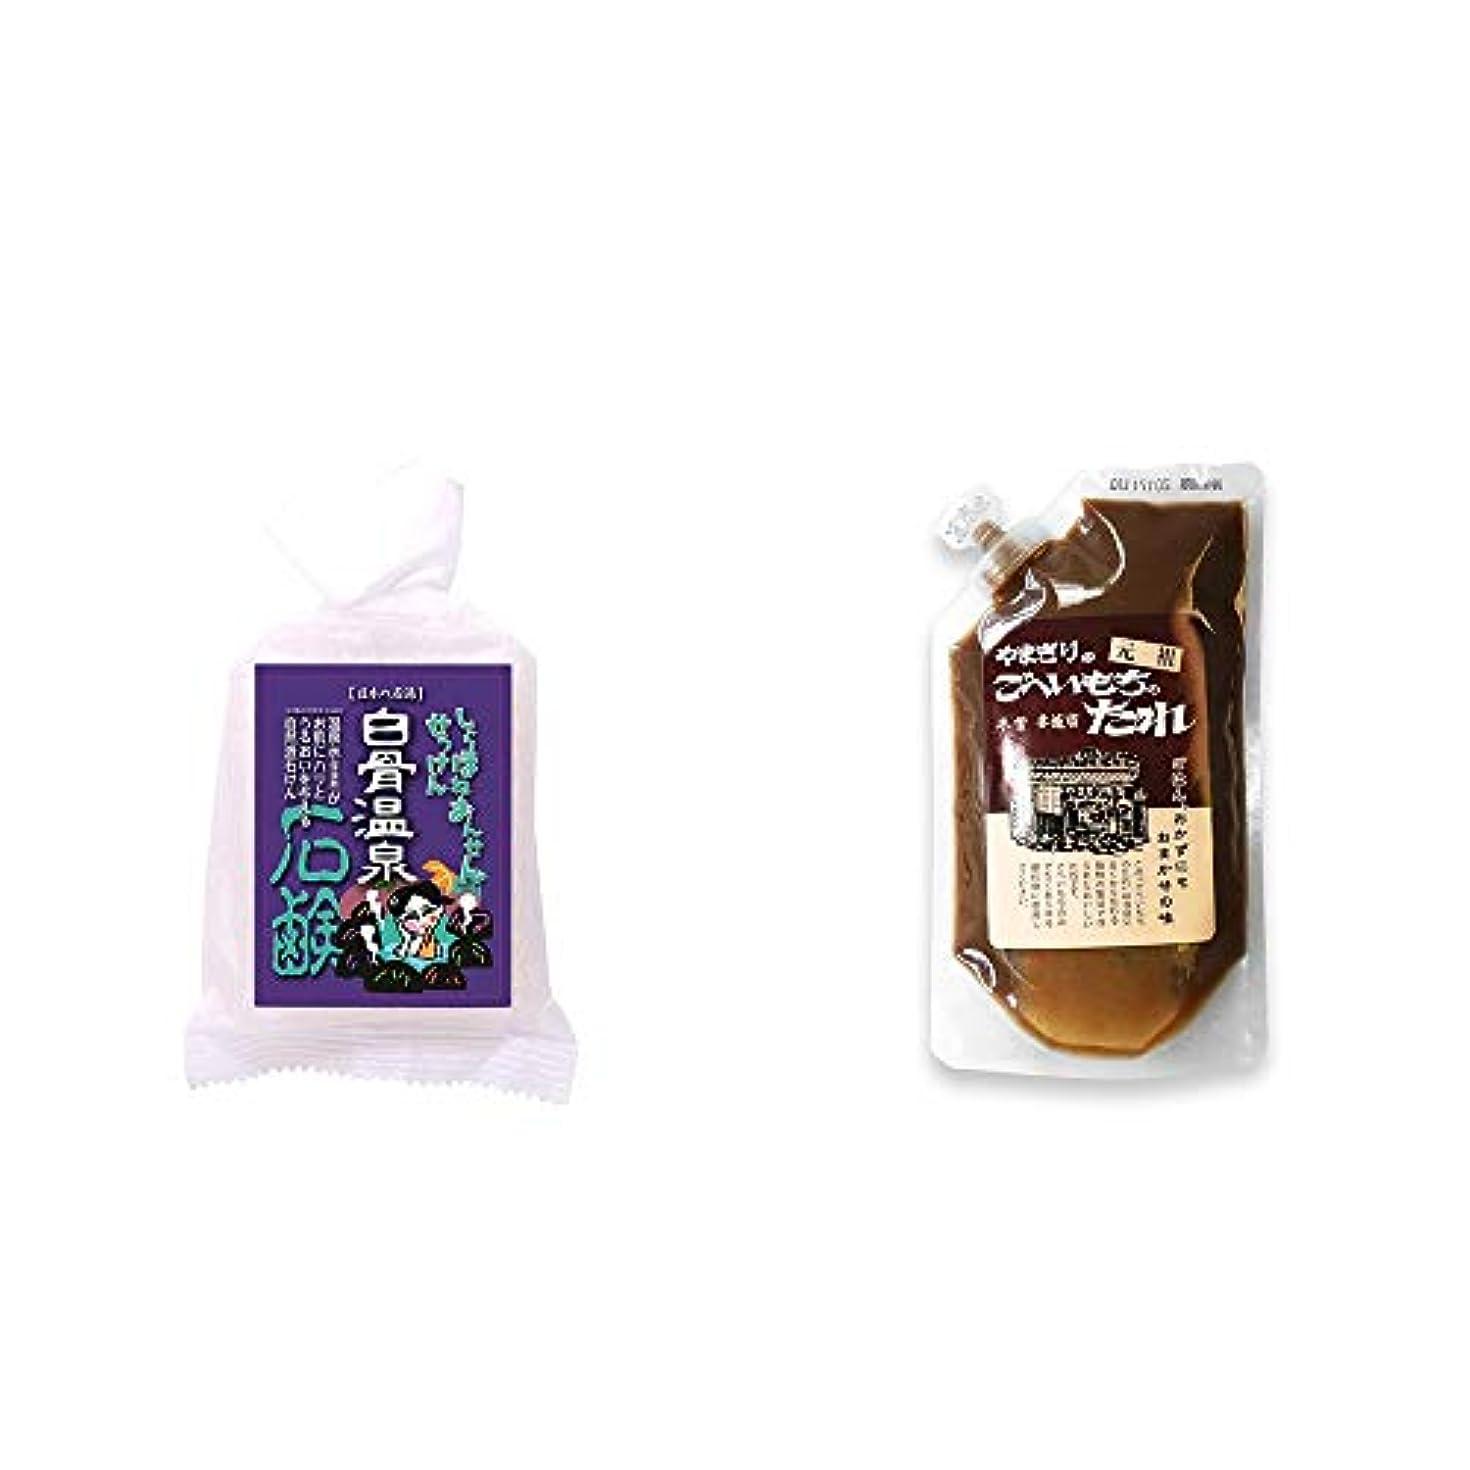 インシュレータ権限を与える計器[2点セット] 信州 白骨温泉石鹸(80g)?妻籠宿 やまぎり食堂 ごへい餅のたれ(250g)